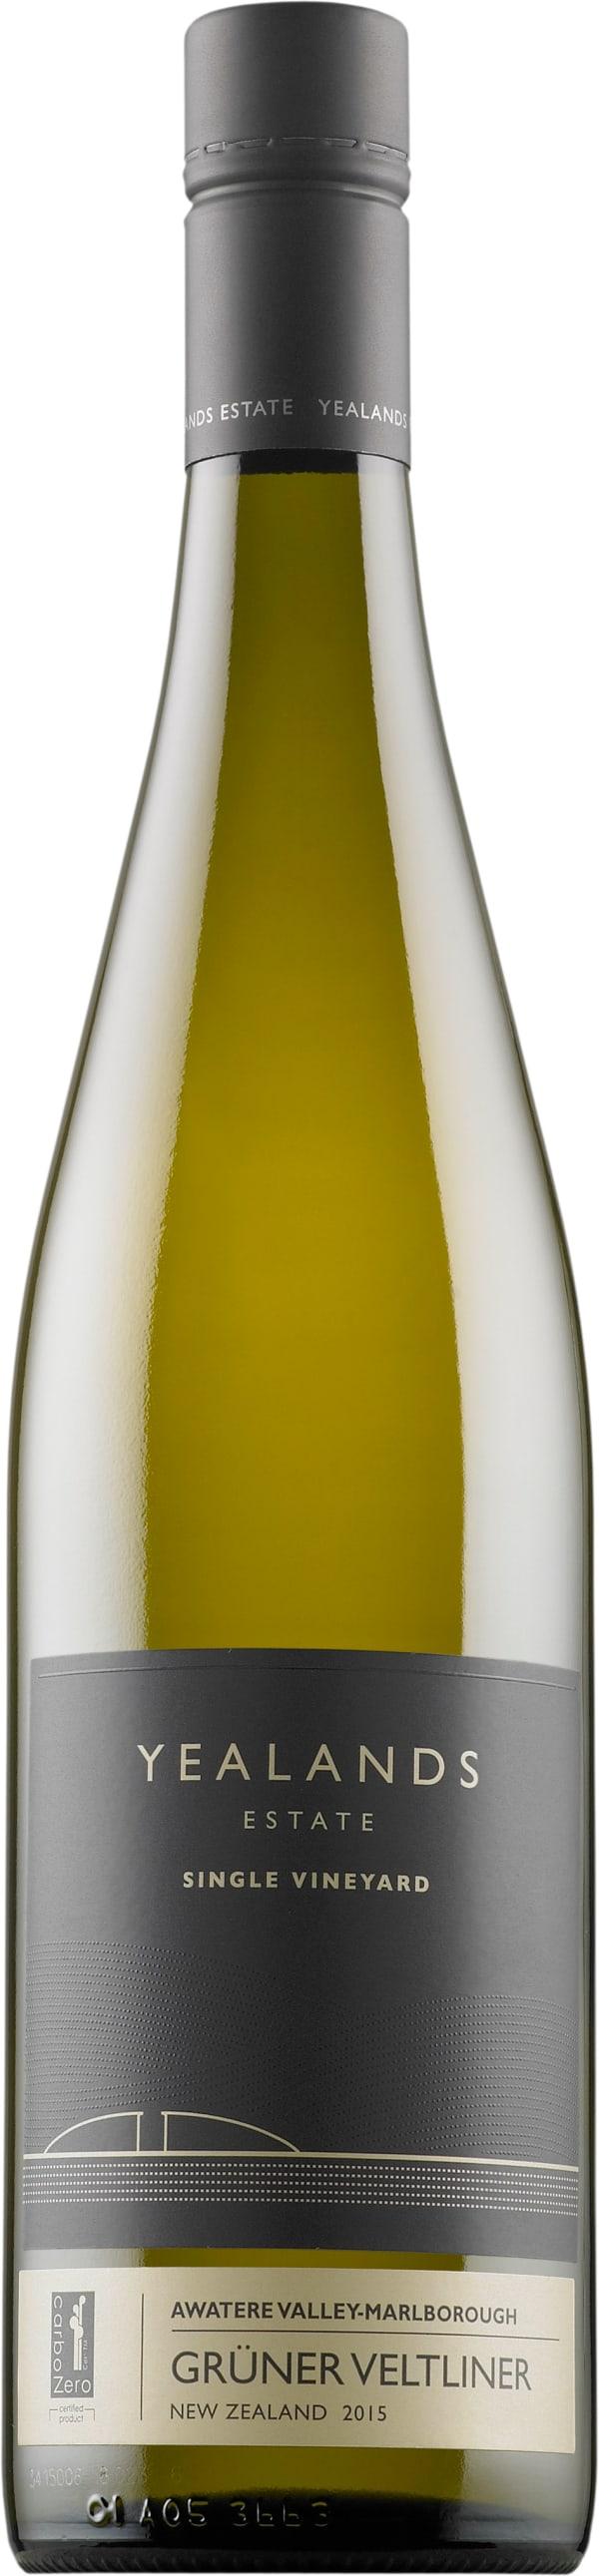 Yealands Estate Single Vineyard Grüner Veltliner 2016